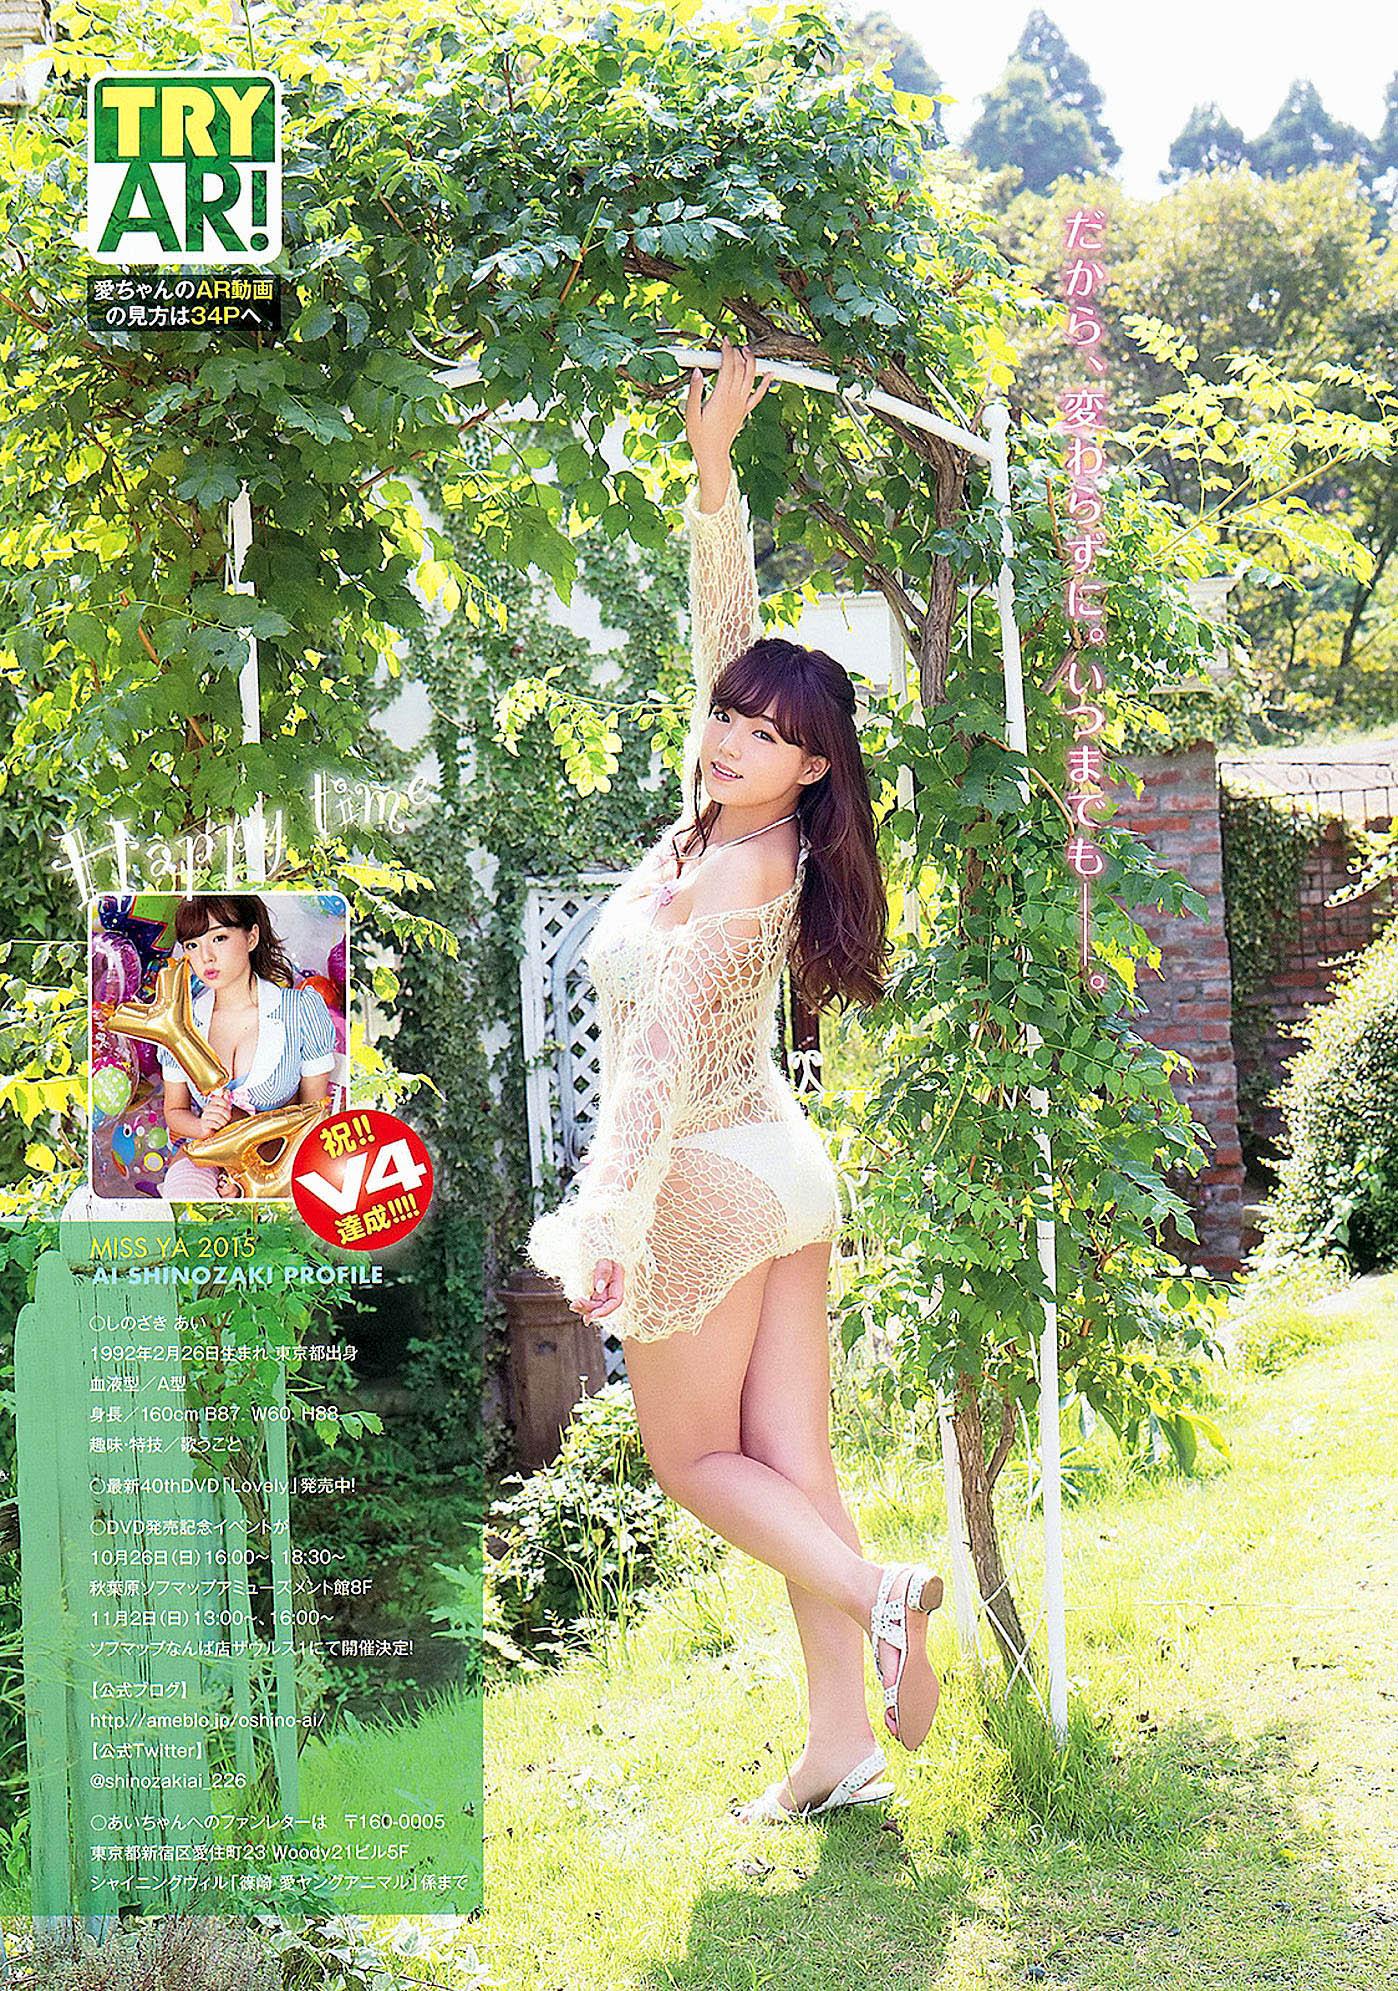 Ai Shinozaki Young Animal 141114 08.jpg